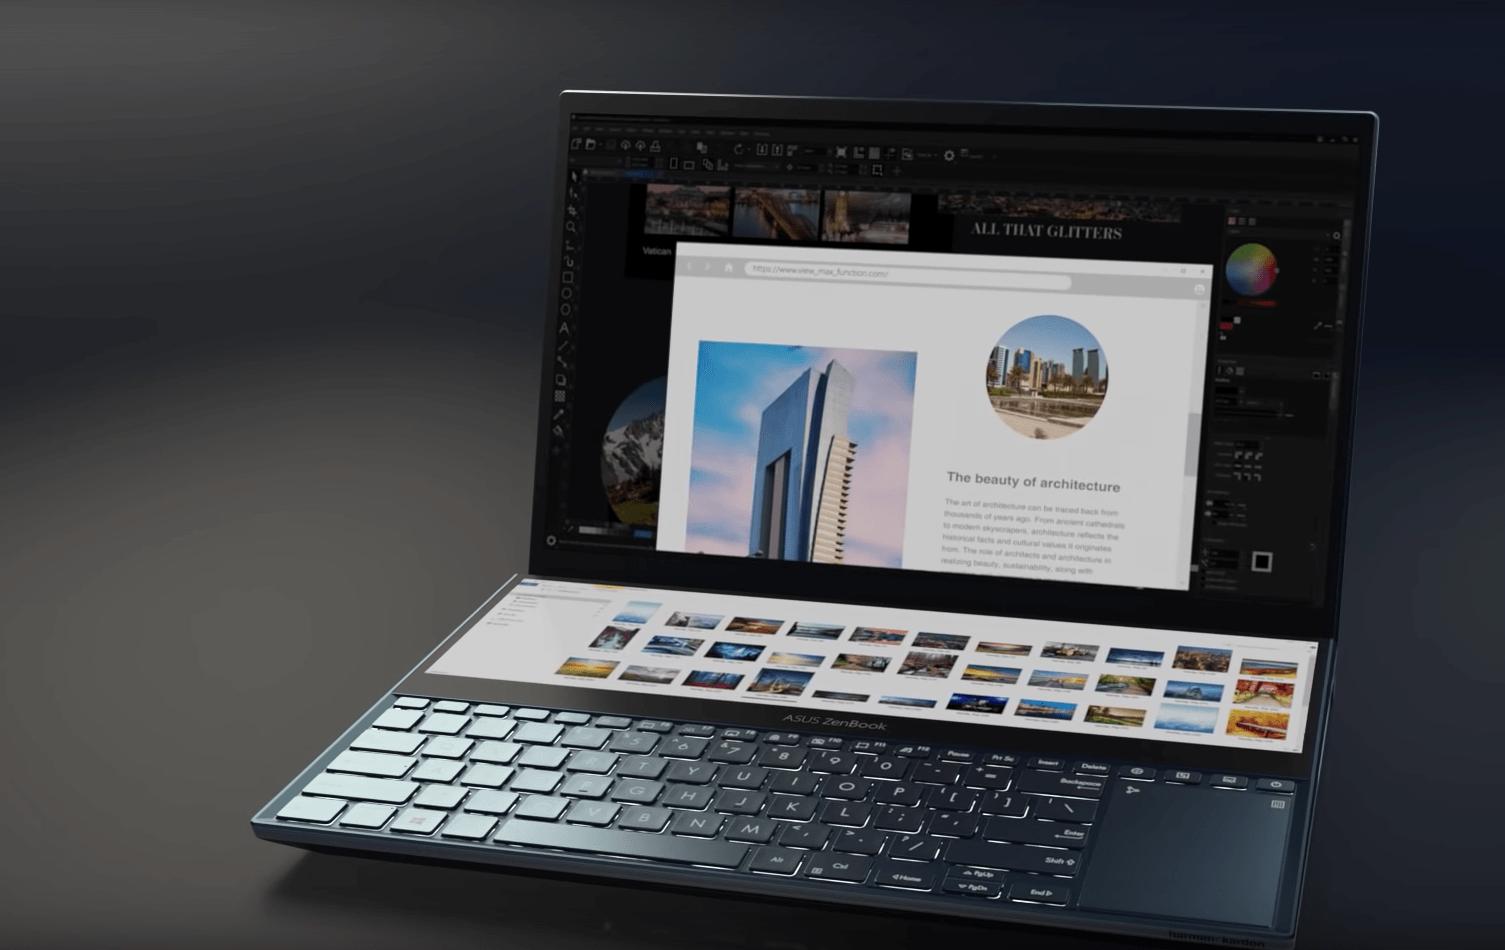 Asus представила ноутбук Zenbook Pro Duo с двумя 4К-экранами